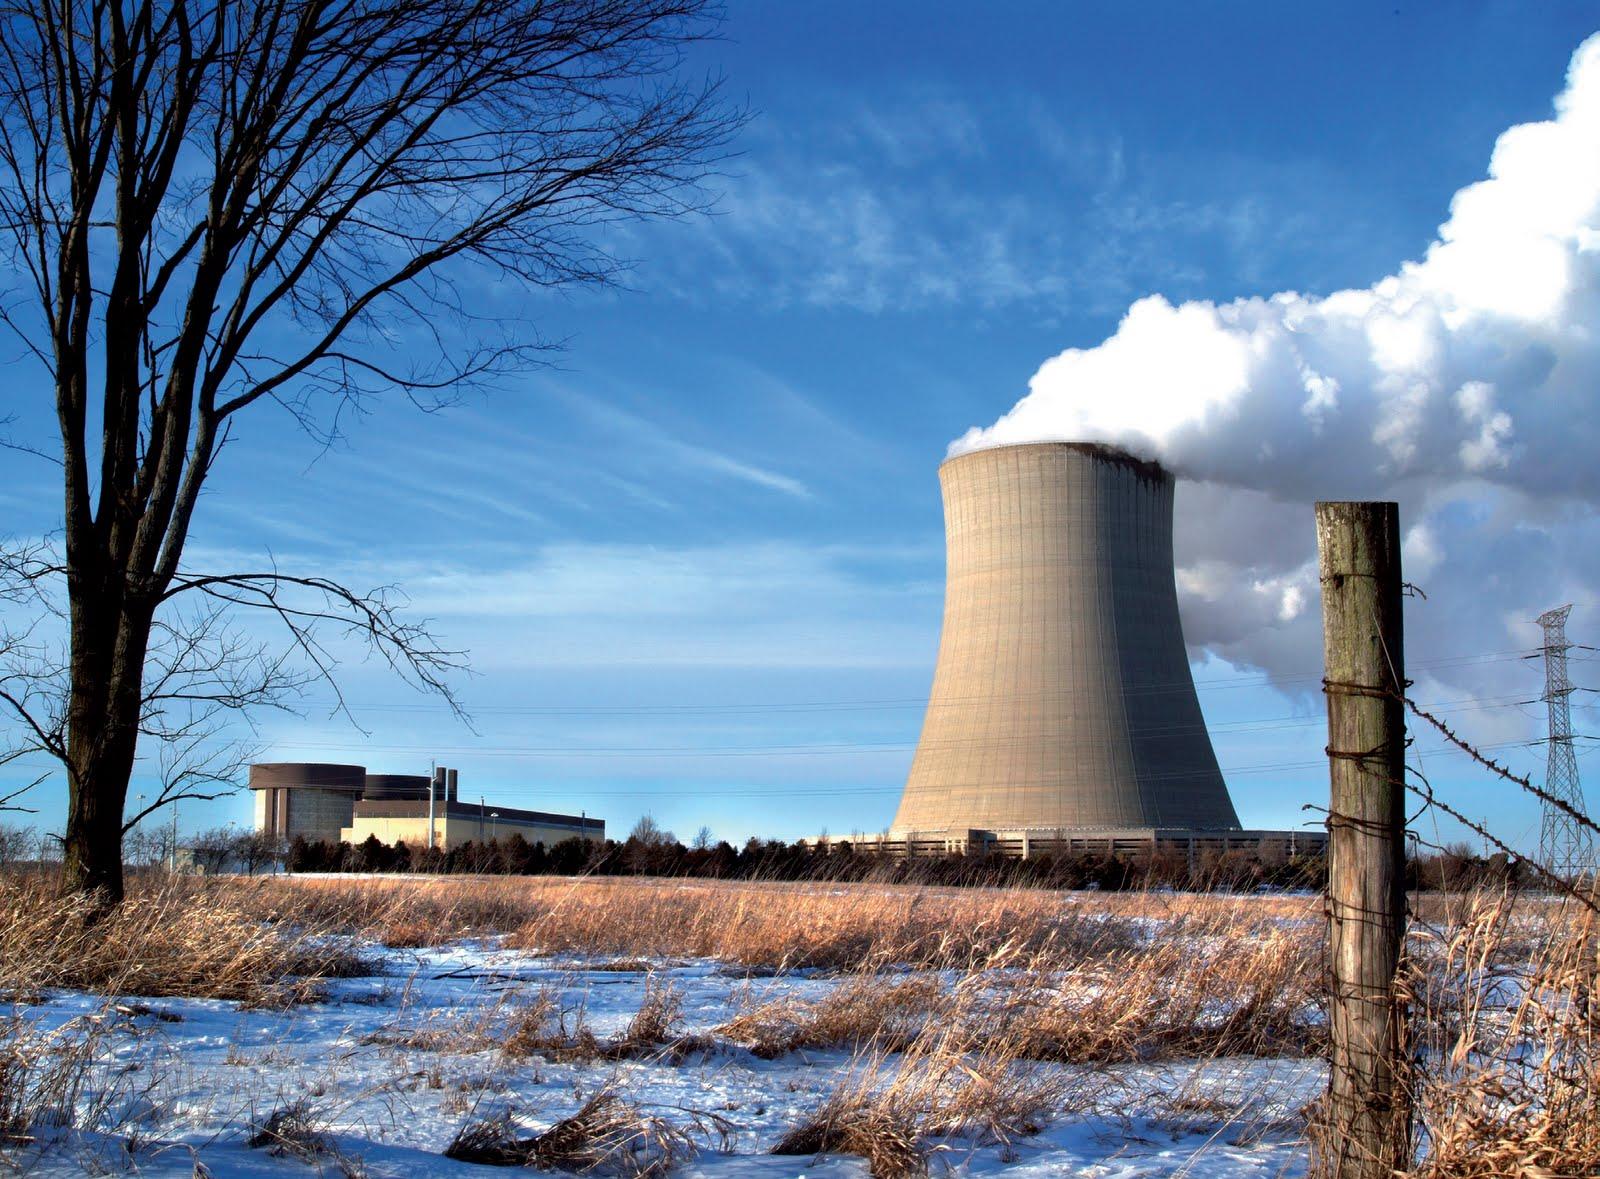 K Che 3000 riflessioni energia nucleare opzione futuro